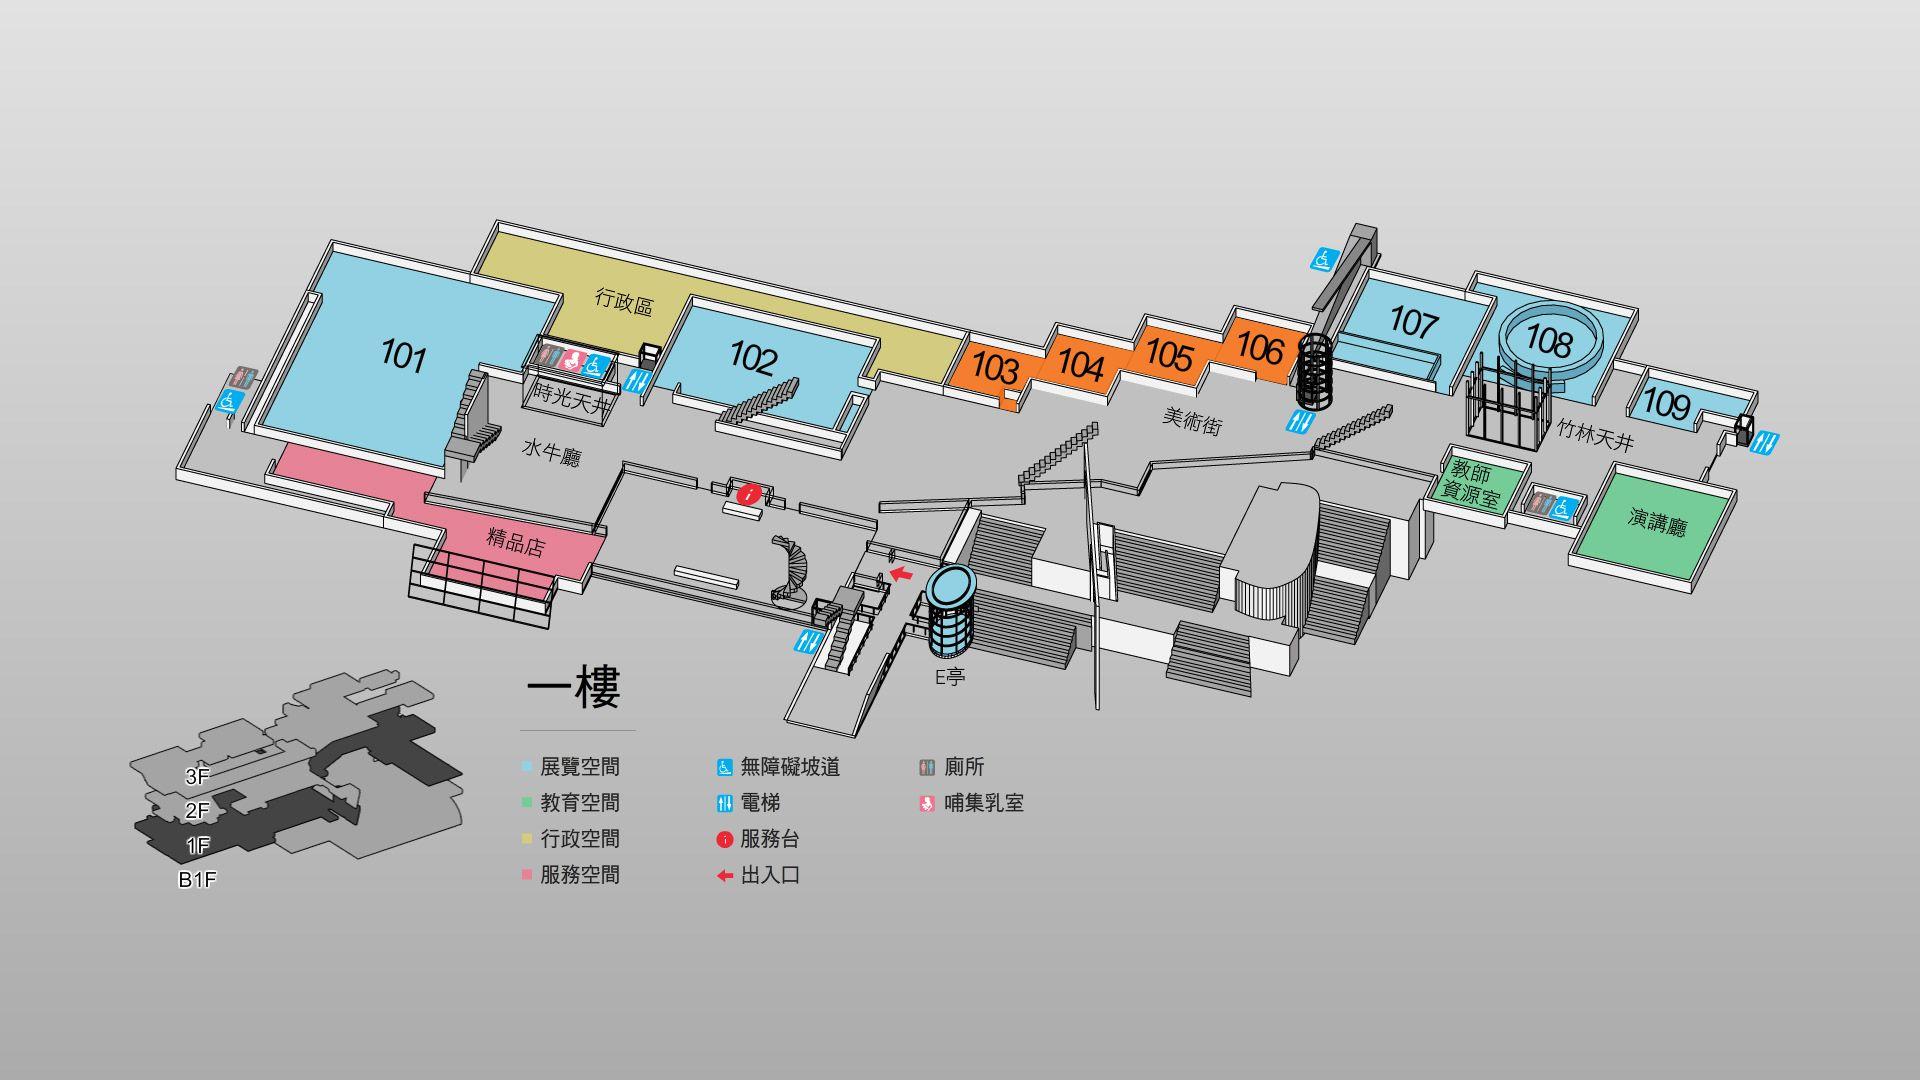 103-106展覽室平面圖